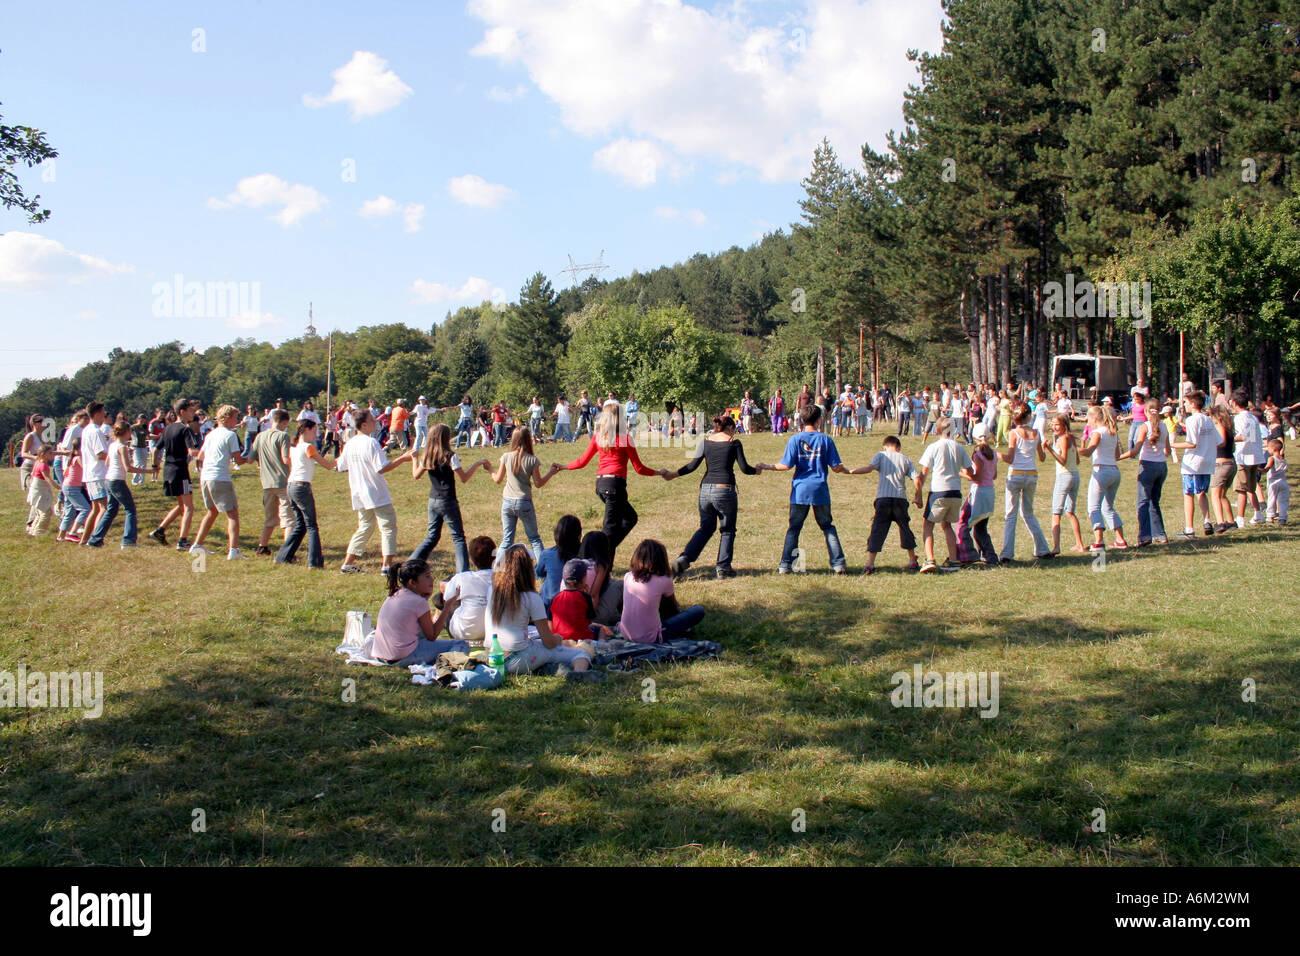 Dansez au rythme de la musique Photo Stock